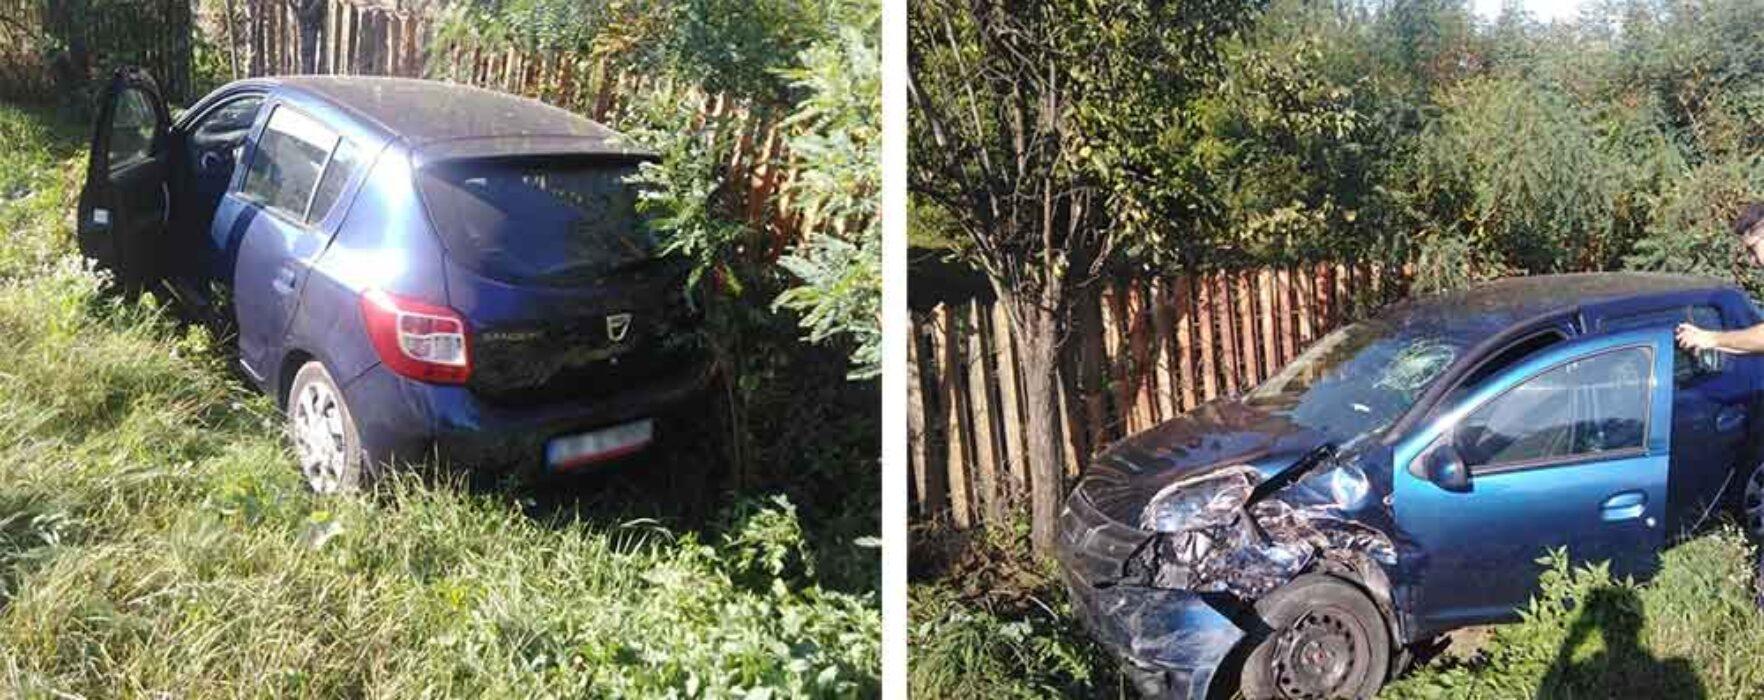 Dâmboviţa: Accident cu doi răniţi pe DN72A